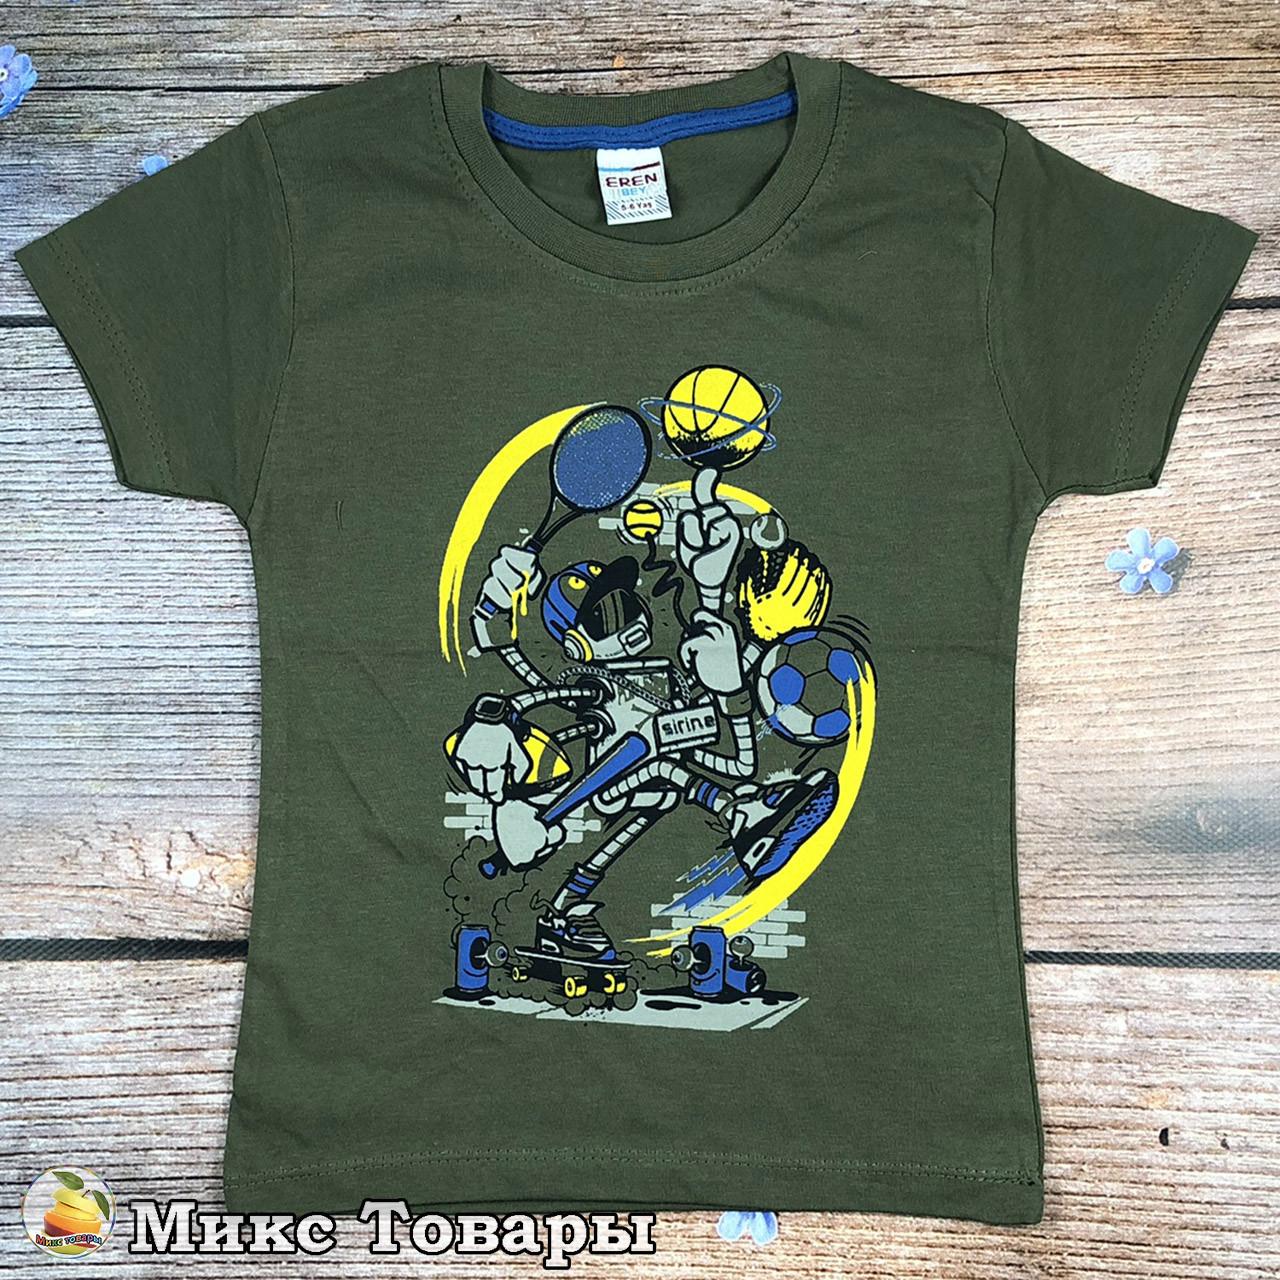 Зелёная футболка для подростков Размеры: 9-10,10-11,11-12,12-13 лет (8674-4)